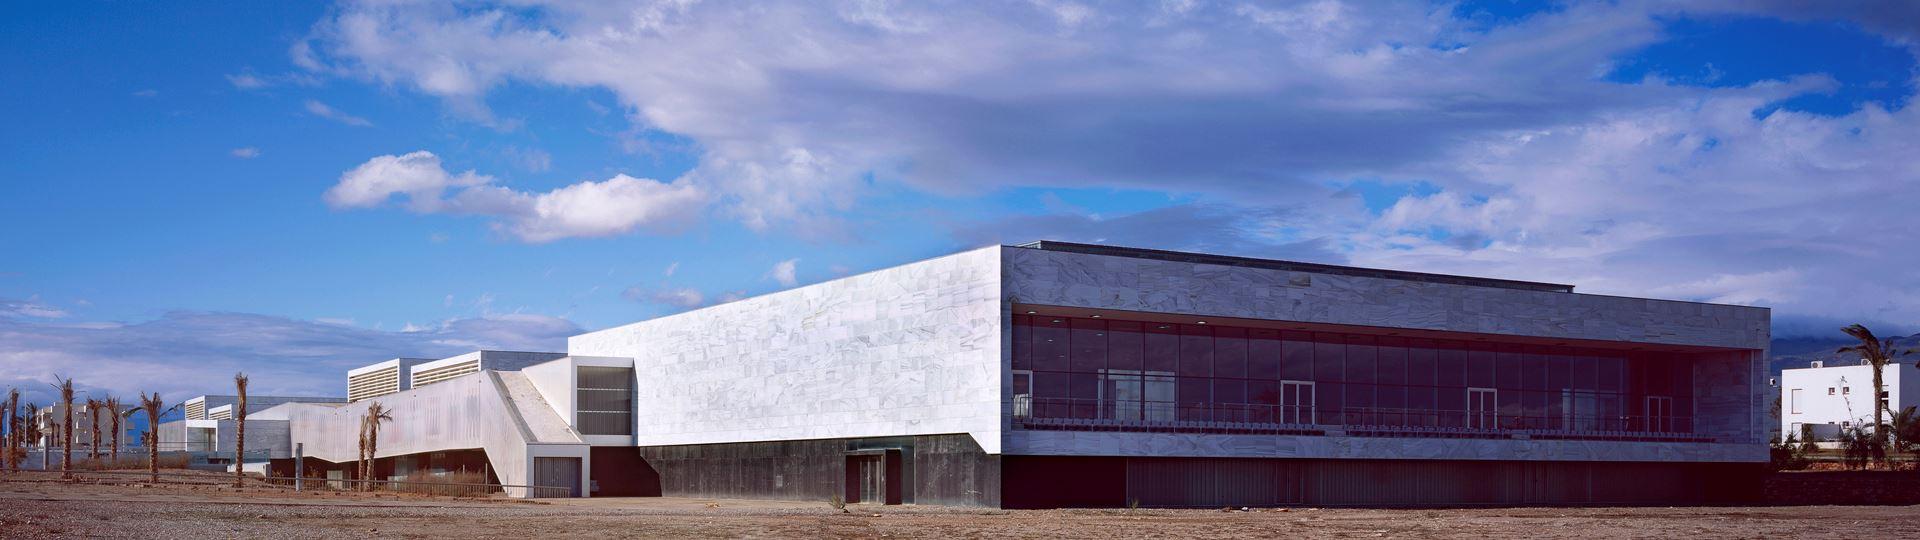 Sv60 cordon li an arquitectos sevilla - Arquitectos de sevilla ...